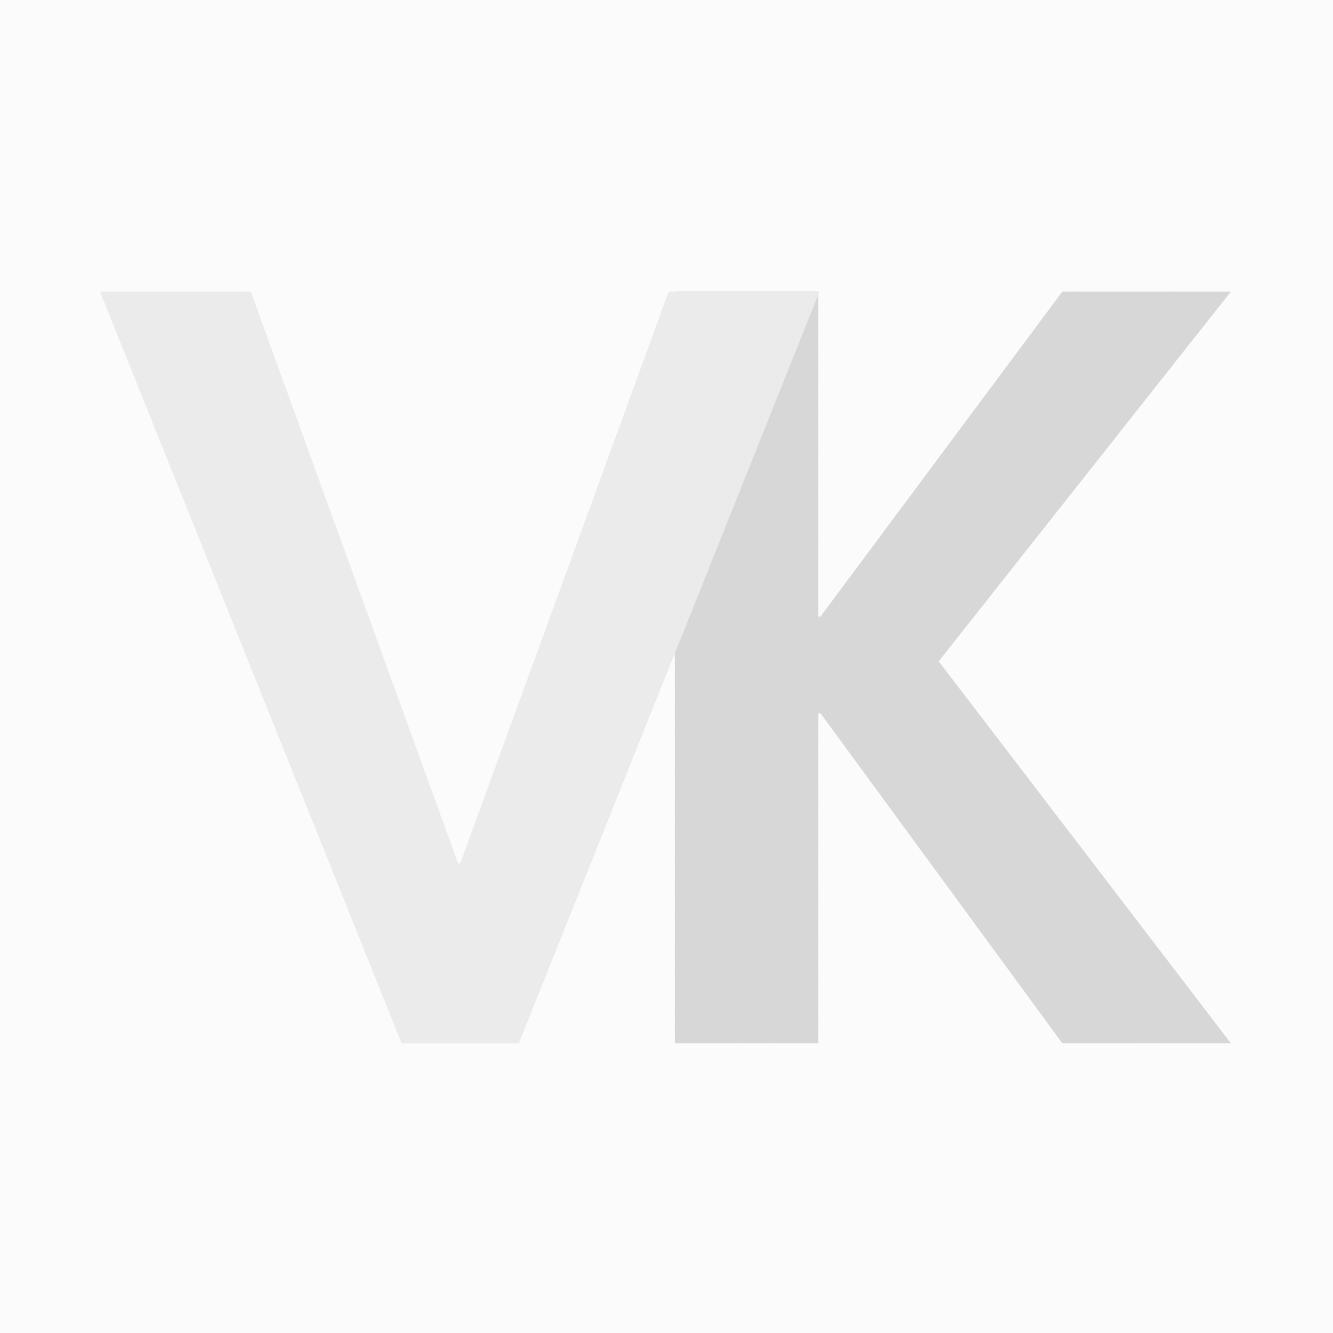 Kyone 1700 Cobalt Kappersschaar 6.0